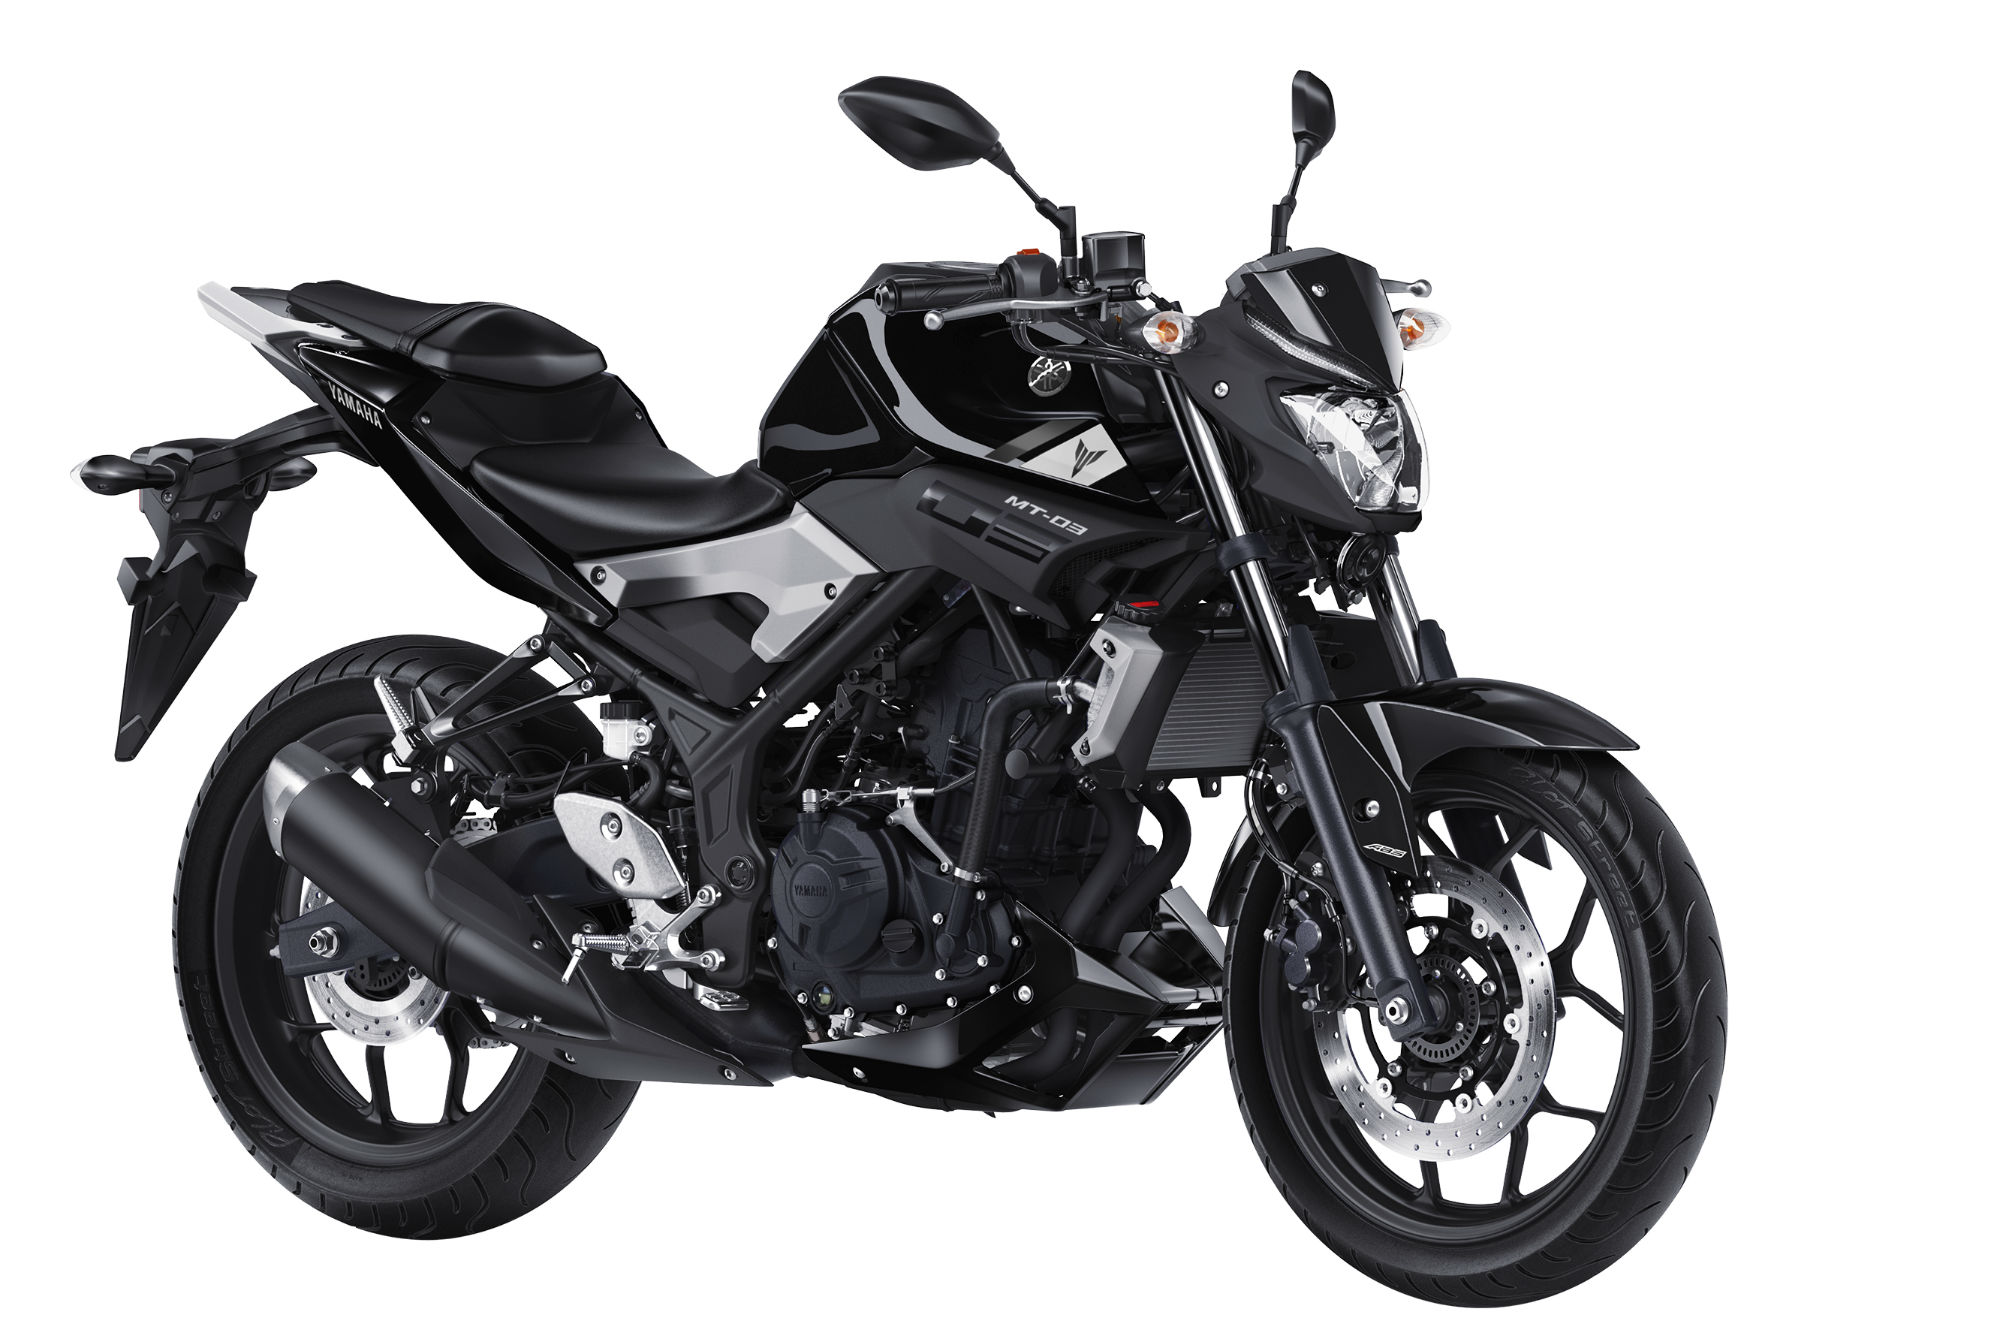 Yamaha mt 03 unveiled visordown for Yamaha mt10 price